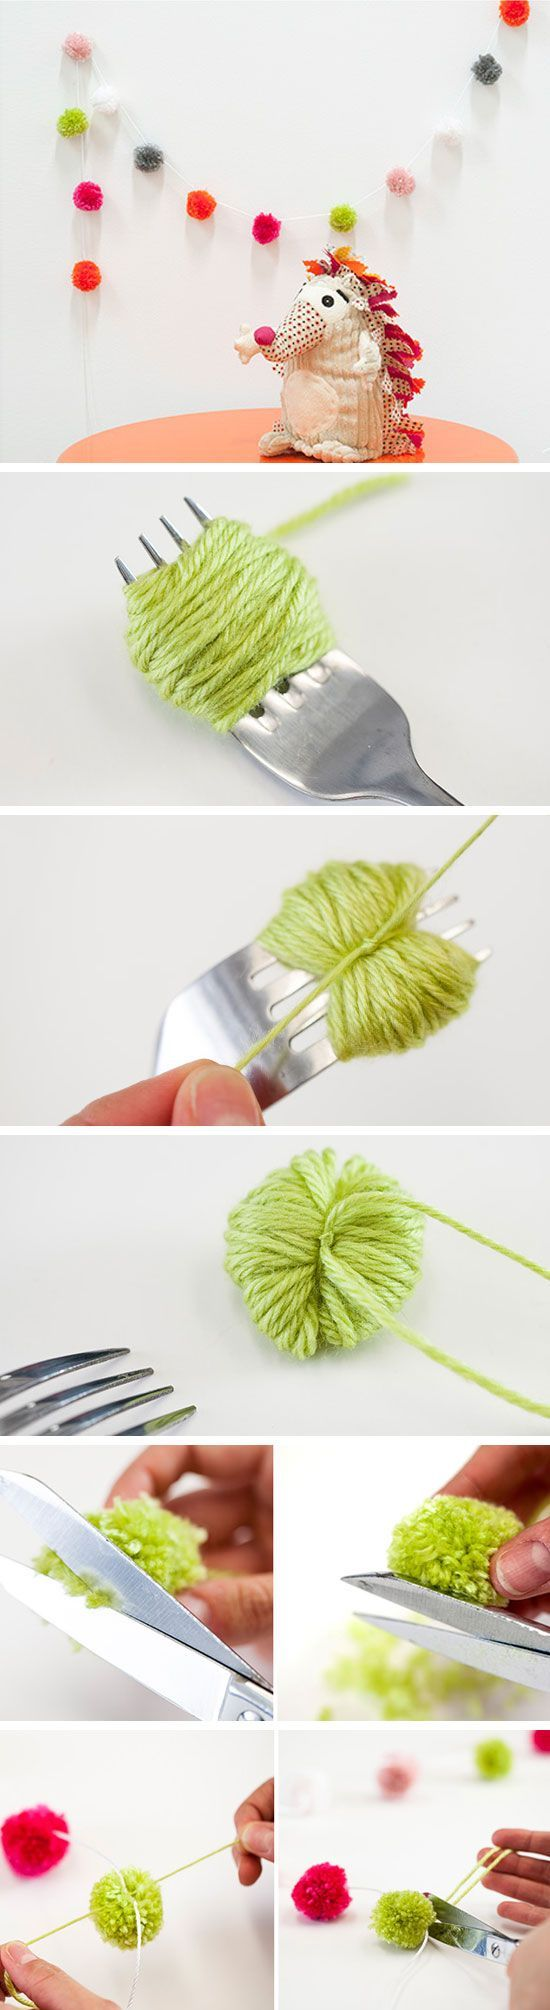 Как сделать помпоны из пряжи своими руками